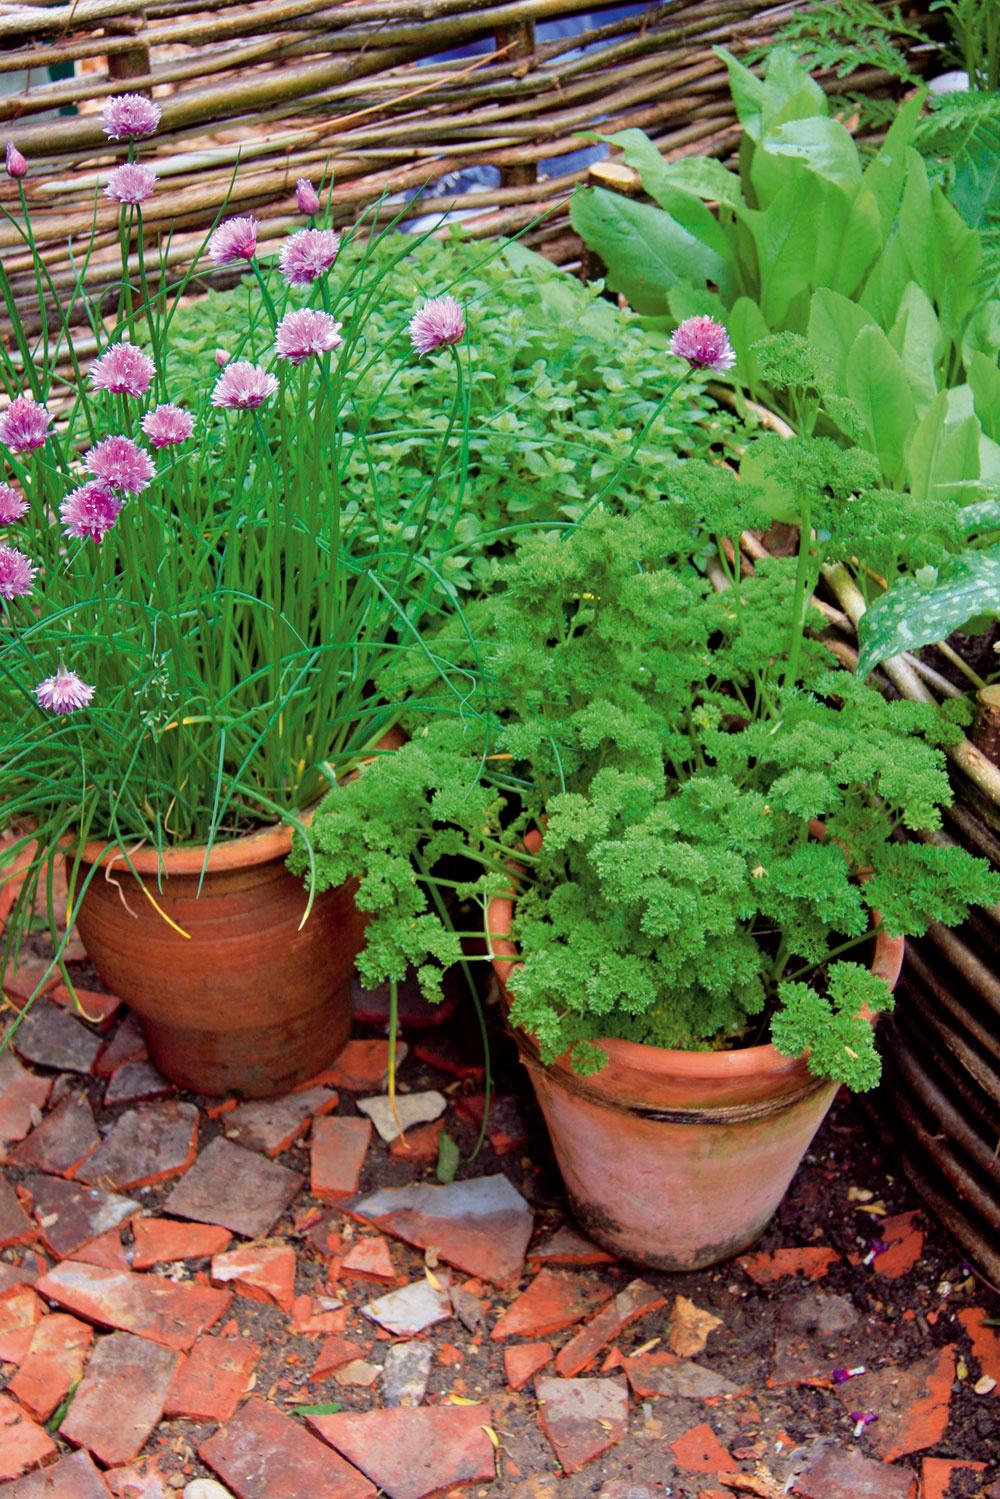 Klasické spojenie Ak chcete, aby sa kučeravému petržlenu apažítke dobre darilo aboli husto olistené, vysaďte ich ksebe. Budú sa dopĺňať apažítka bude krajšie kvitnúť. Obe rastliny vyžadujú polotieň, výživnejšiu amierne vlhkú pôdu. Môžete ich pestovať na záhonoch, ale veľmi dobre rastú aj vnádobách na balkónoch aterasách. Dokonca ich vňate môžete rýchliť, atak ich mať kdispozícii počas celého roka. Nemusíte ich prihnojovať aani ich nenapádajú škodce, takže máte istotu, že si ich vypestujete vbiokvalite.